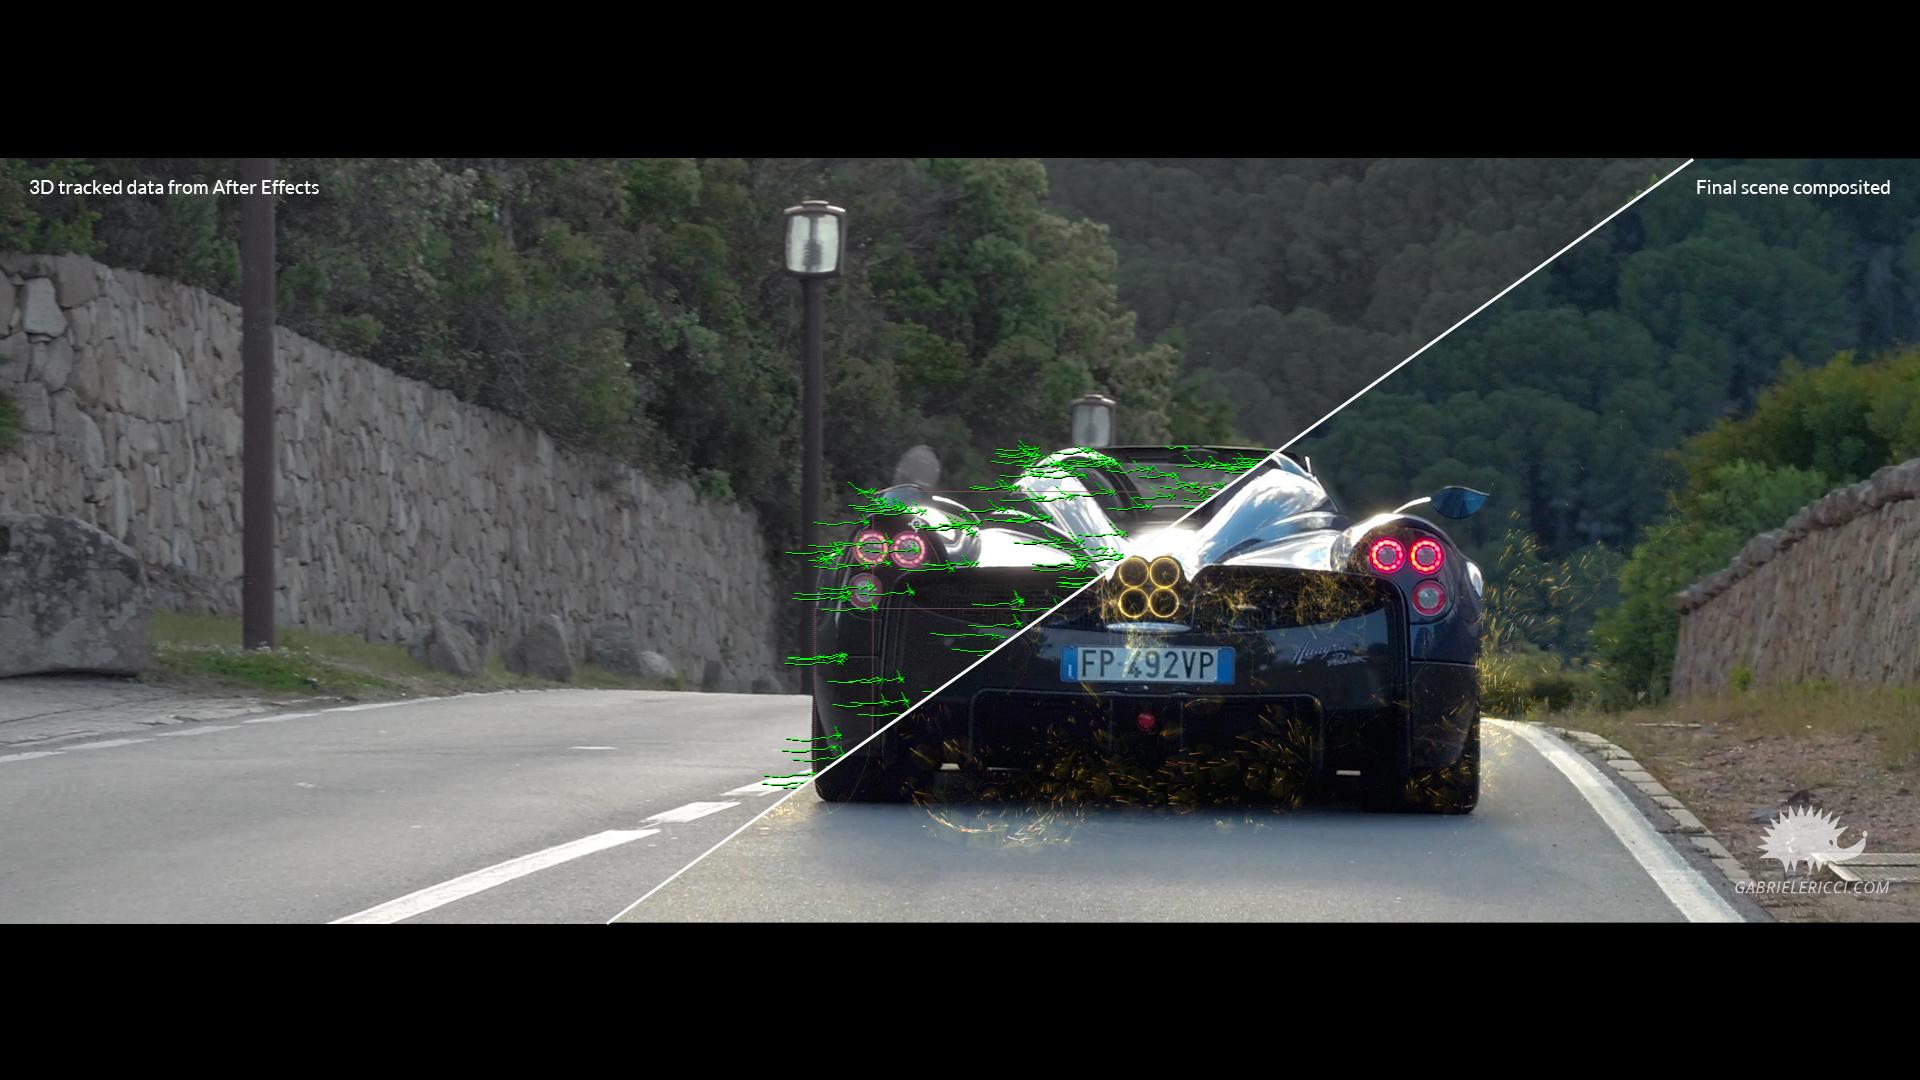 i visual effects sono fondamentali per dirigere meglio un'animazione.